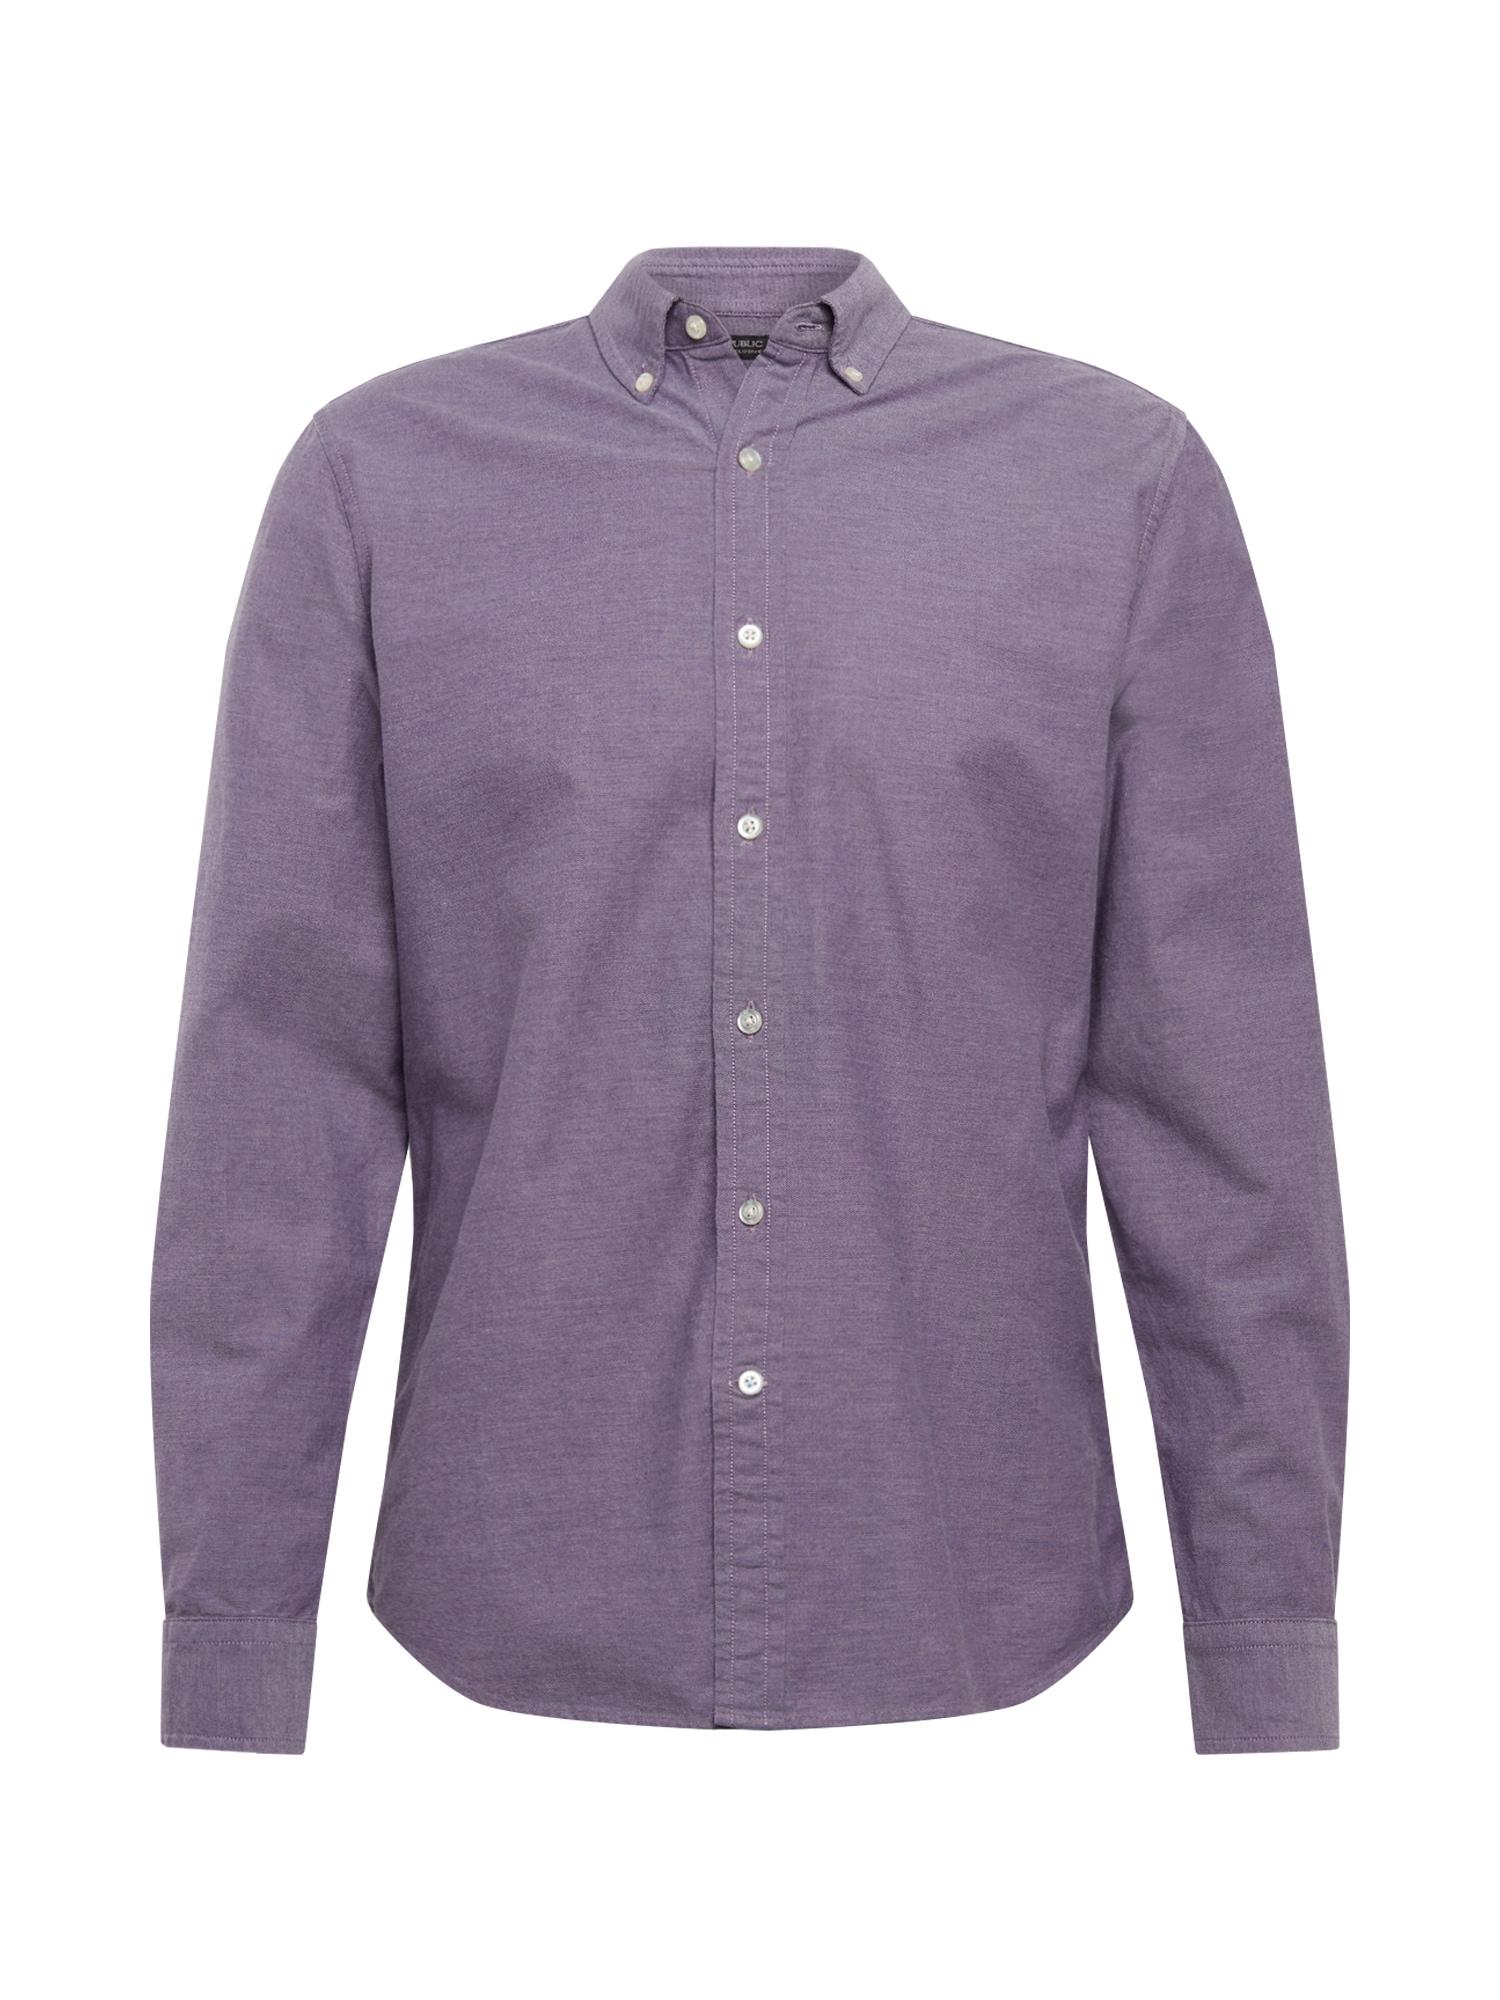 Banana Republic Dalykiniai marškiniai 'I' purpurinė